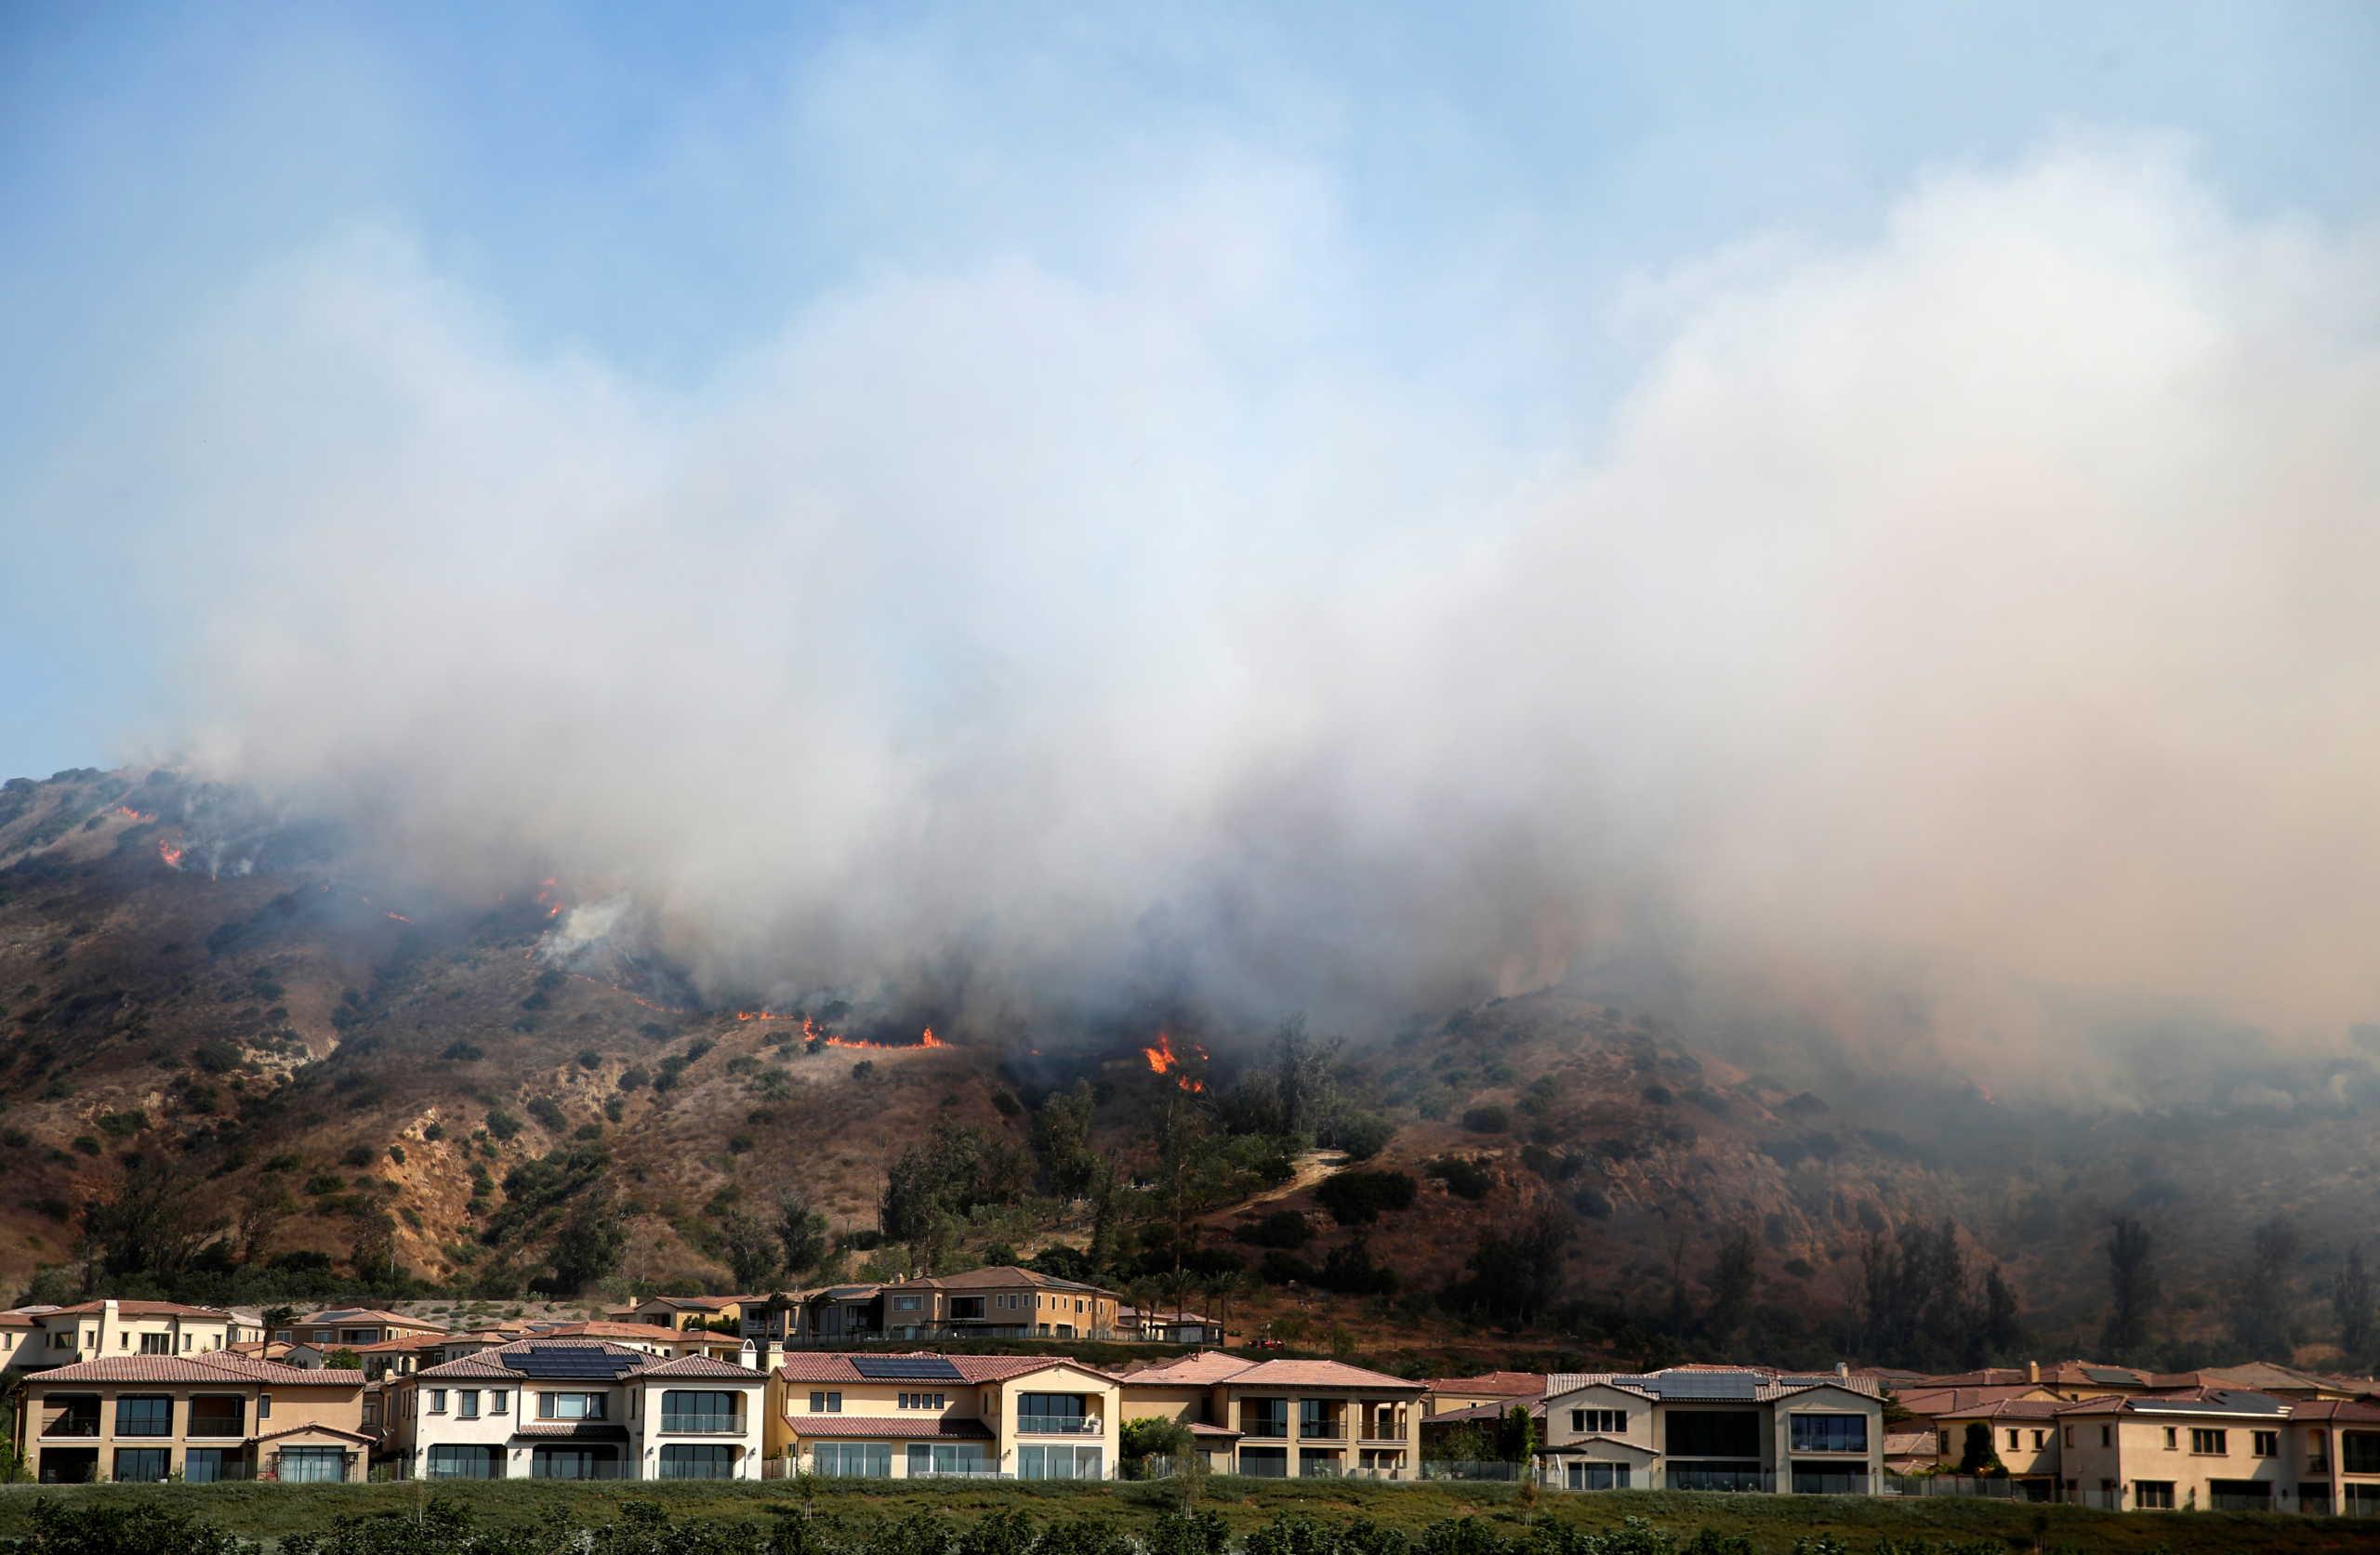 Μεγάλη φωτιά στην Καλιφόρνια – Απομακρύνθηκαν από τα σπίτια τους 60.000 κάτοικοι